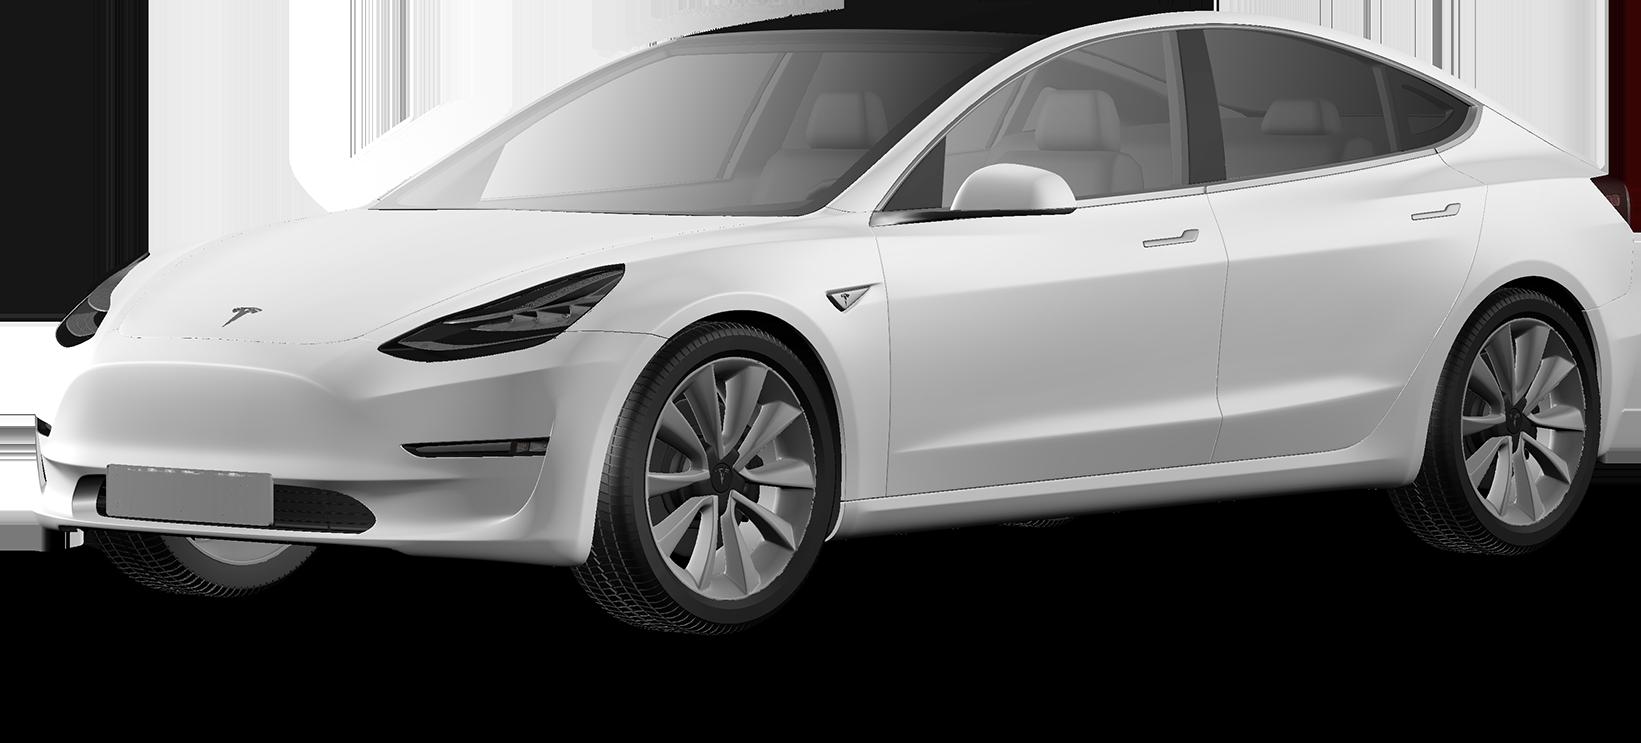 Tesla vehicle